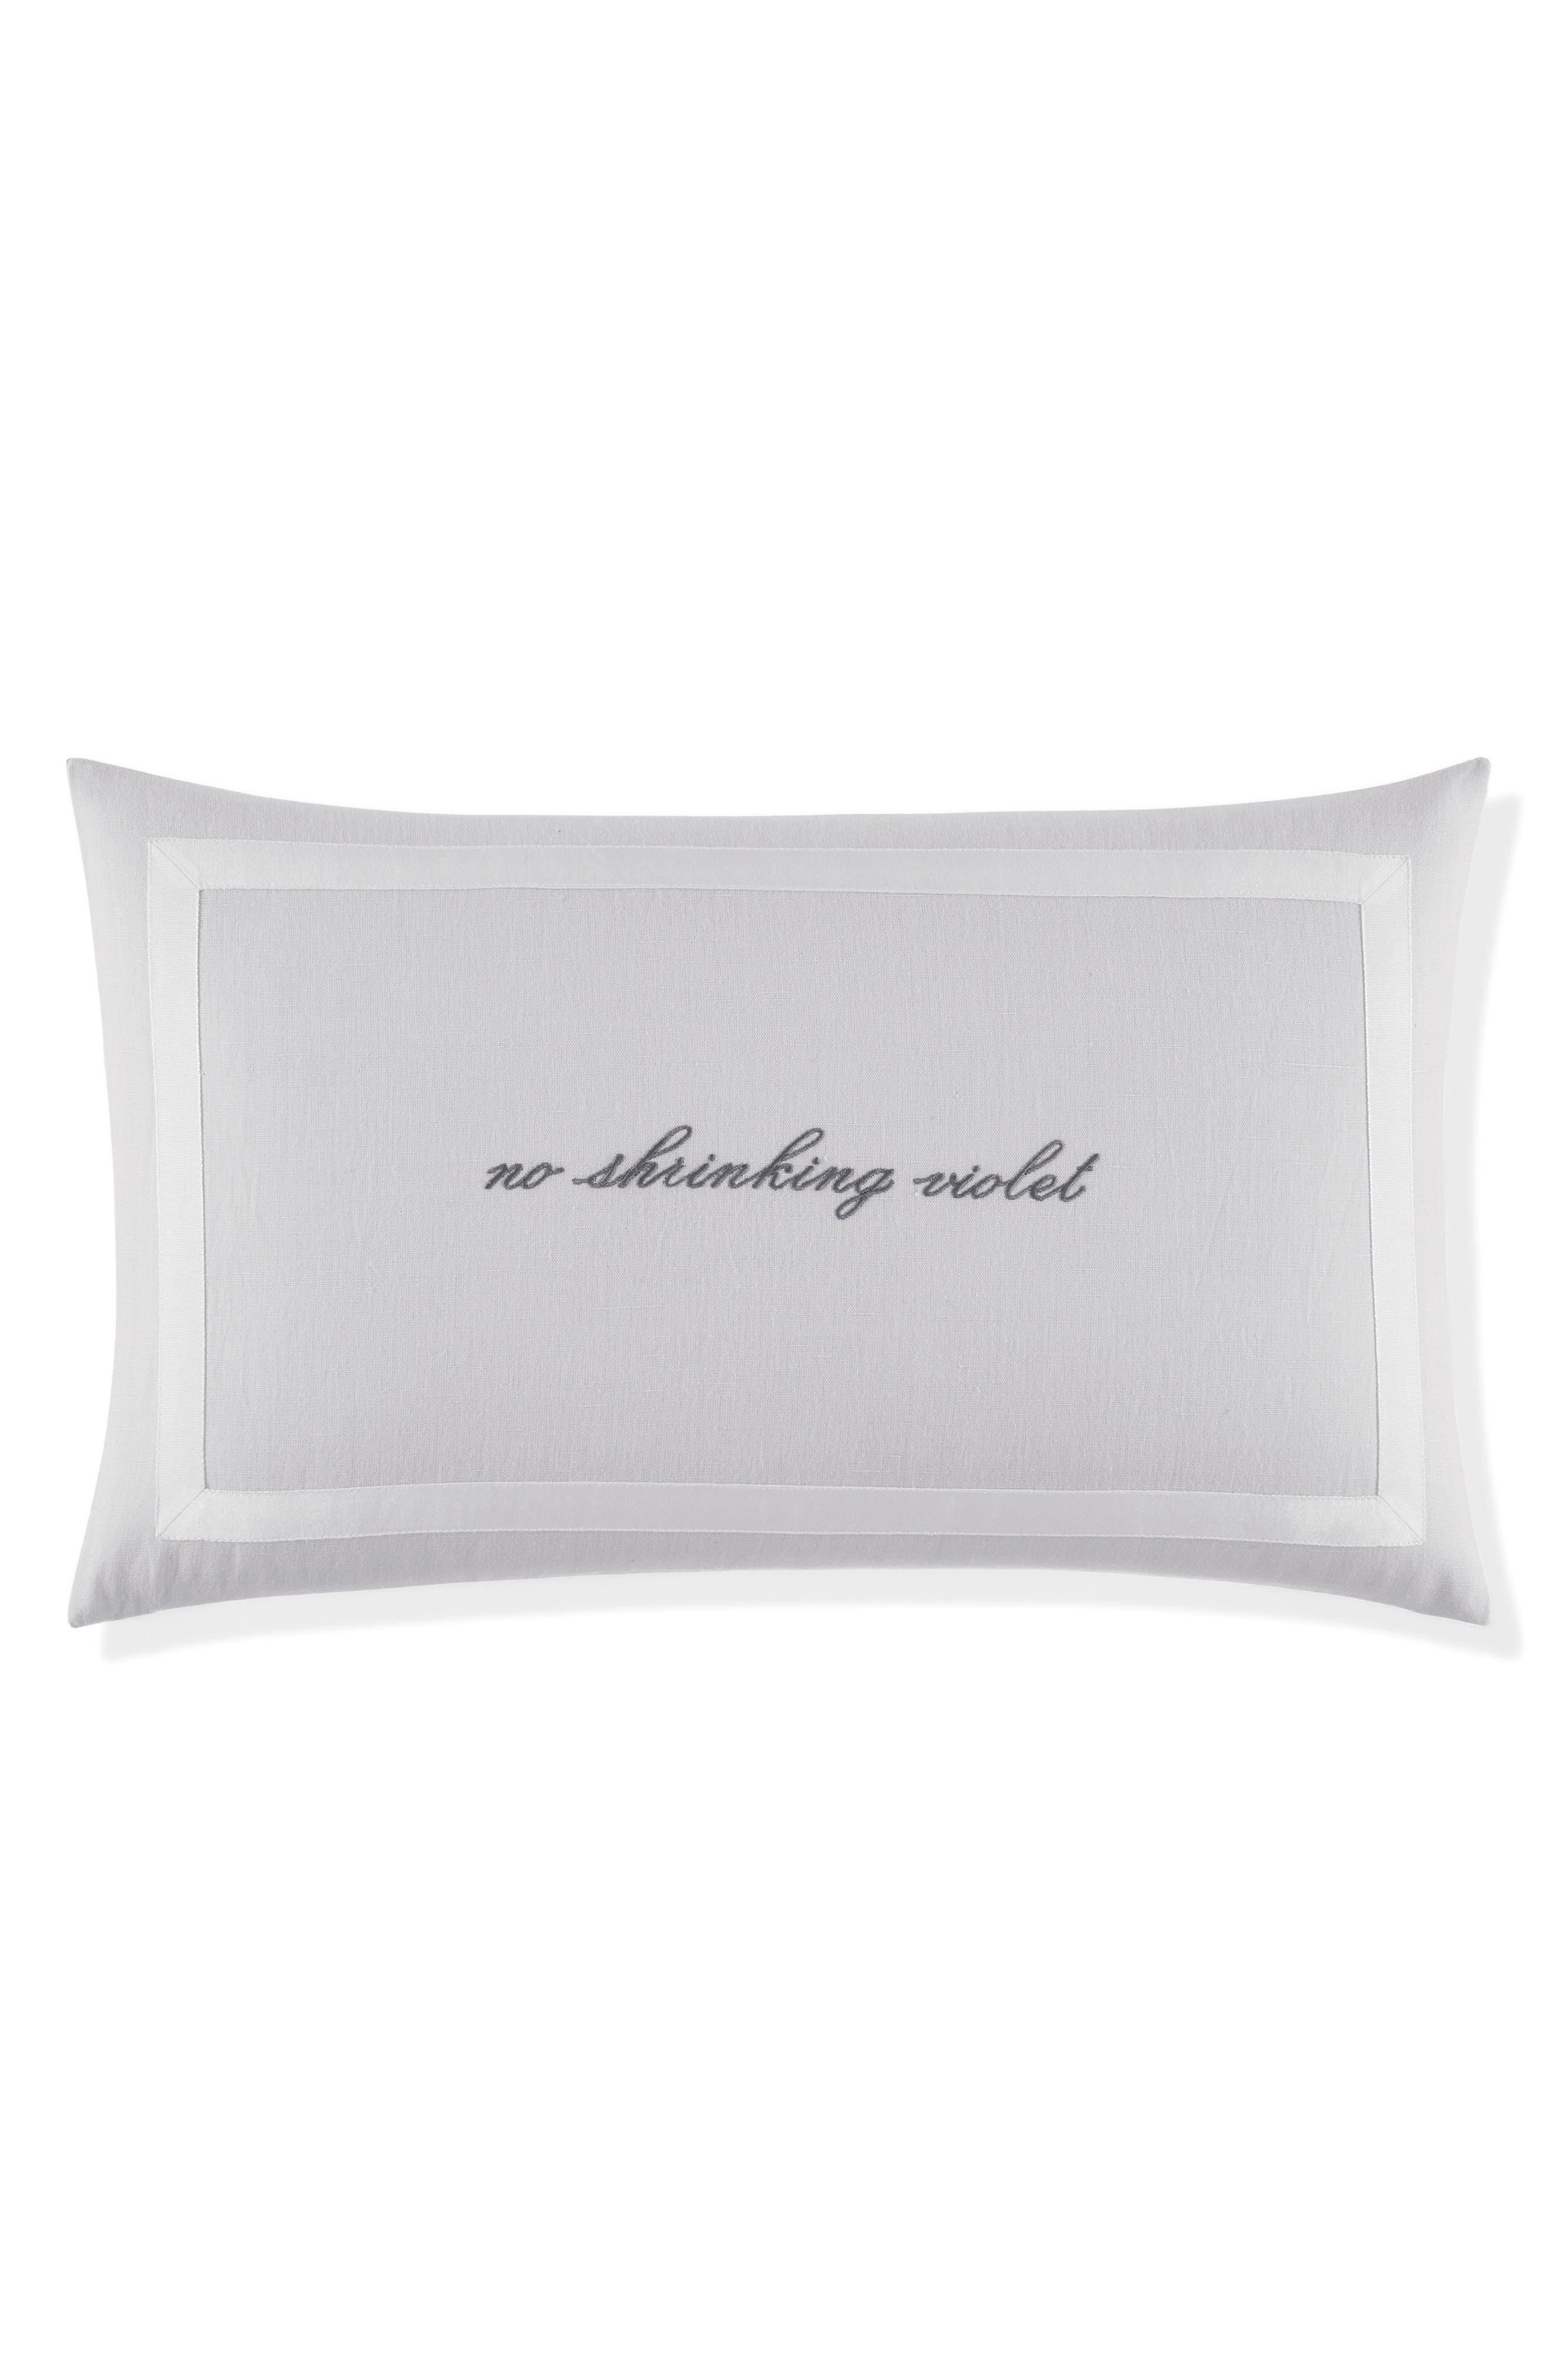 no shrinking violet pillow,                             Main thumbnail 1, color,                             020